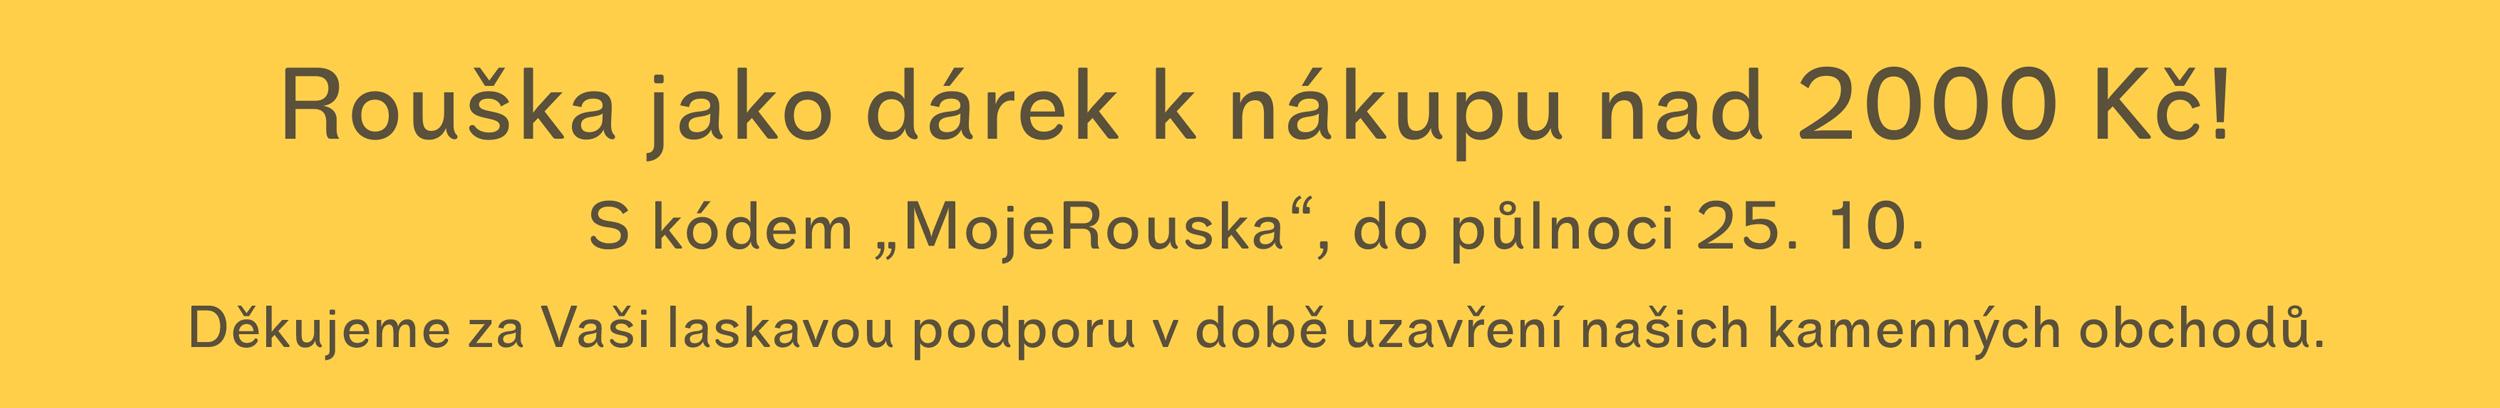 00_uzky-banner-_-rouska.jpg